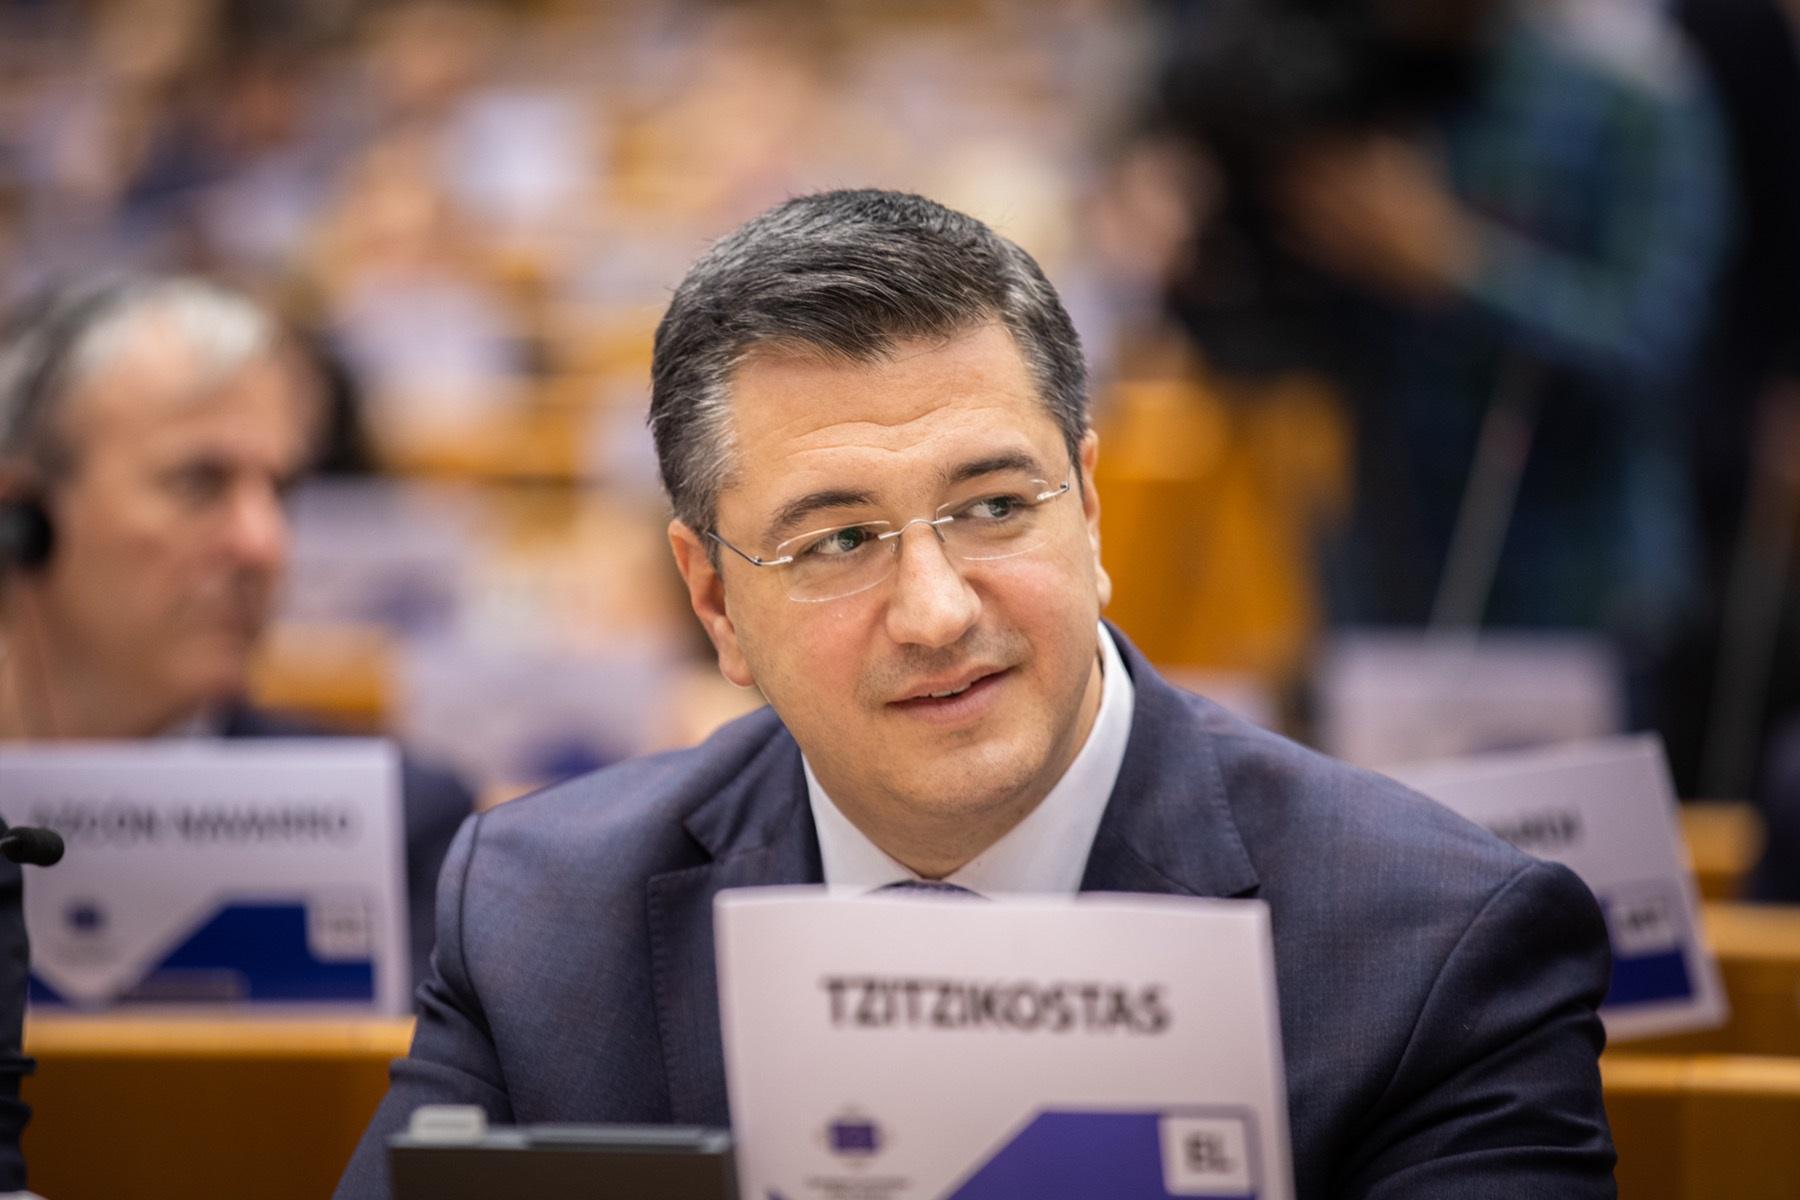 Απόστολος Τζιτζικώστας στο e-ota: Θα διεκδικήσω νέα θητεία το 2023